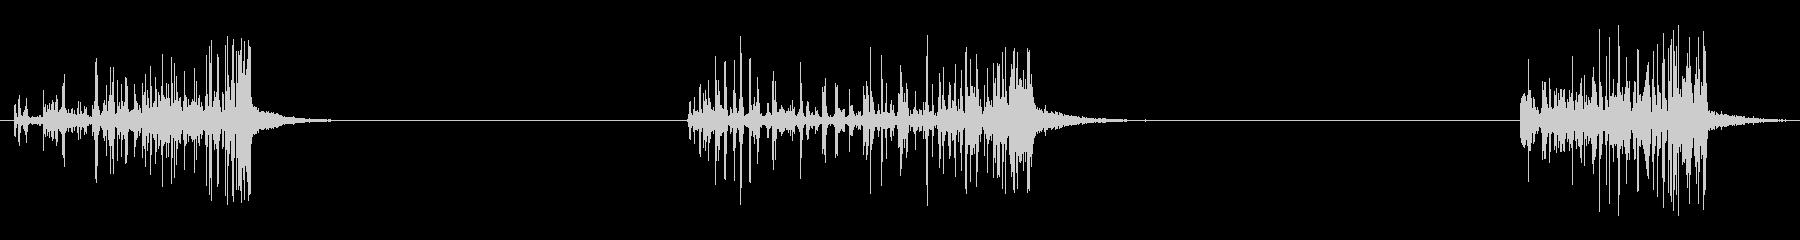 メタルスクレイプセメントシュリルマルチの未再生の波形